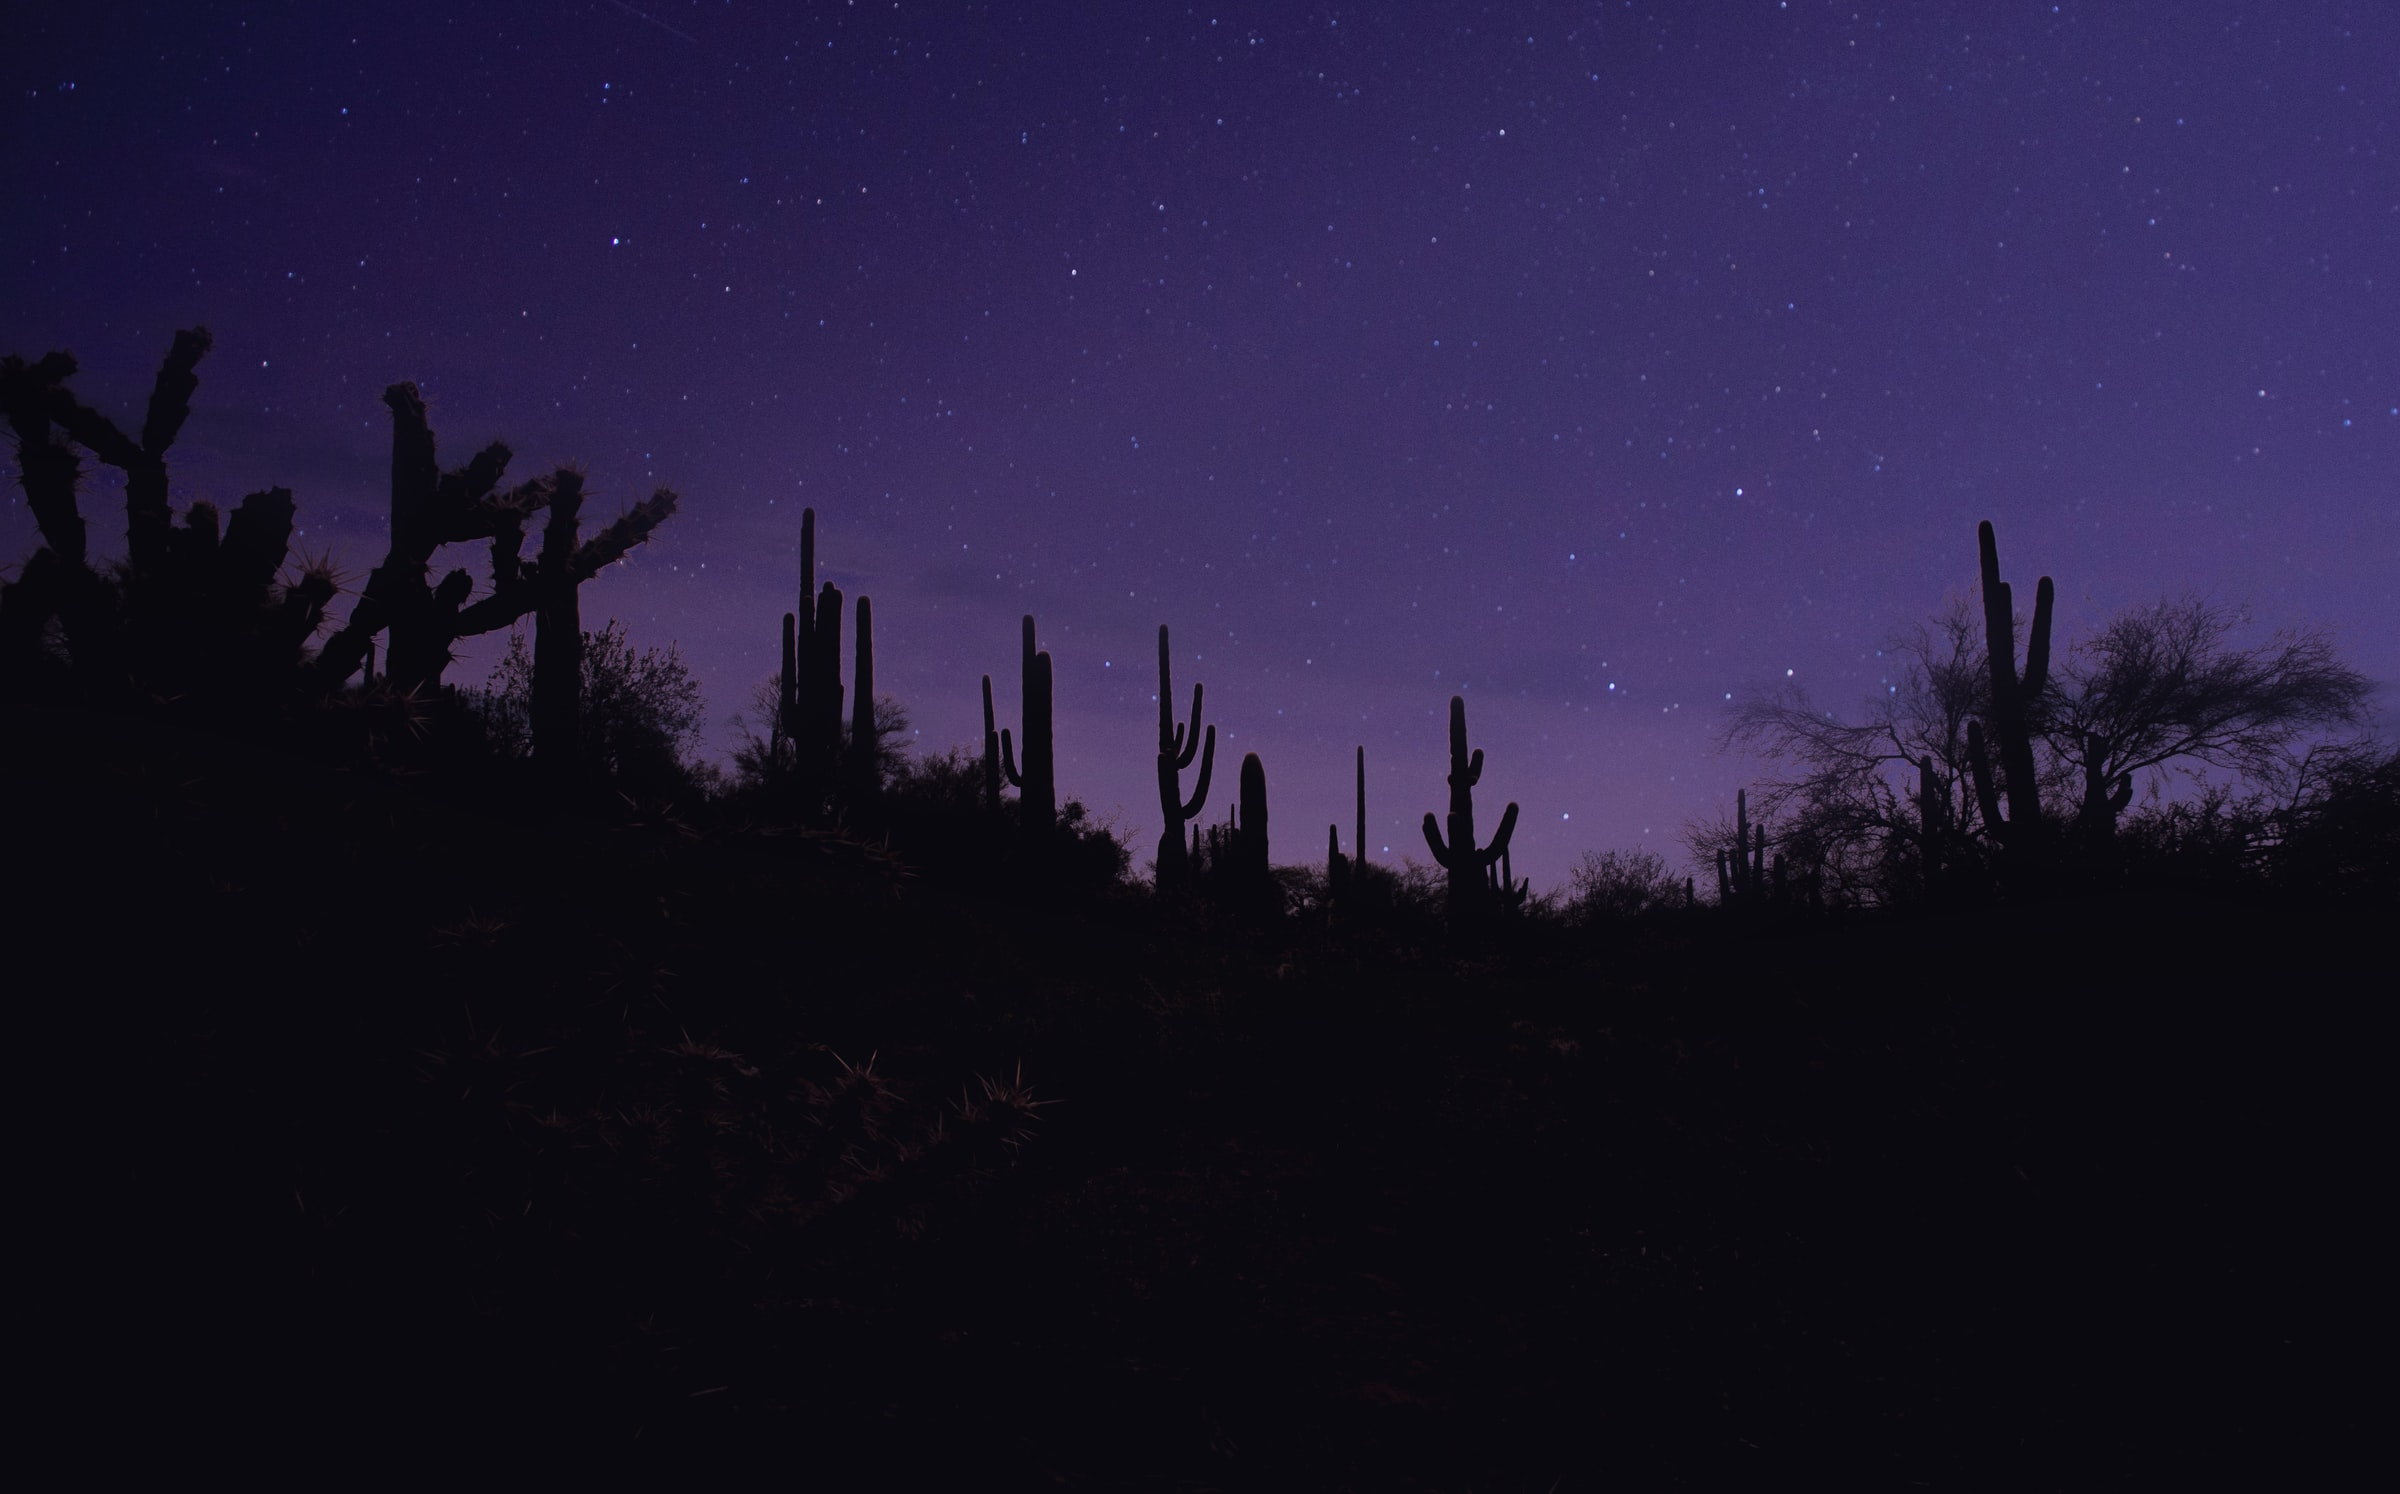 152851 скачать обои Кактусы, Ночь, Темные, Силуэты, Темный, Фиолетовый - заставки и картинки бесплатно